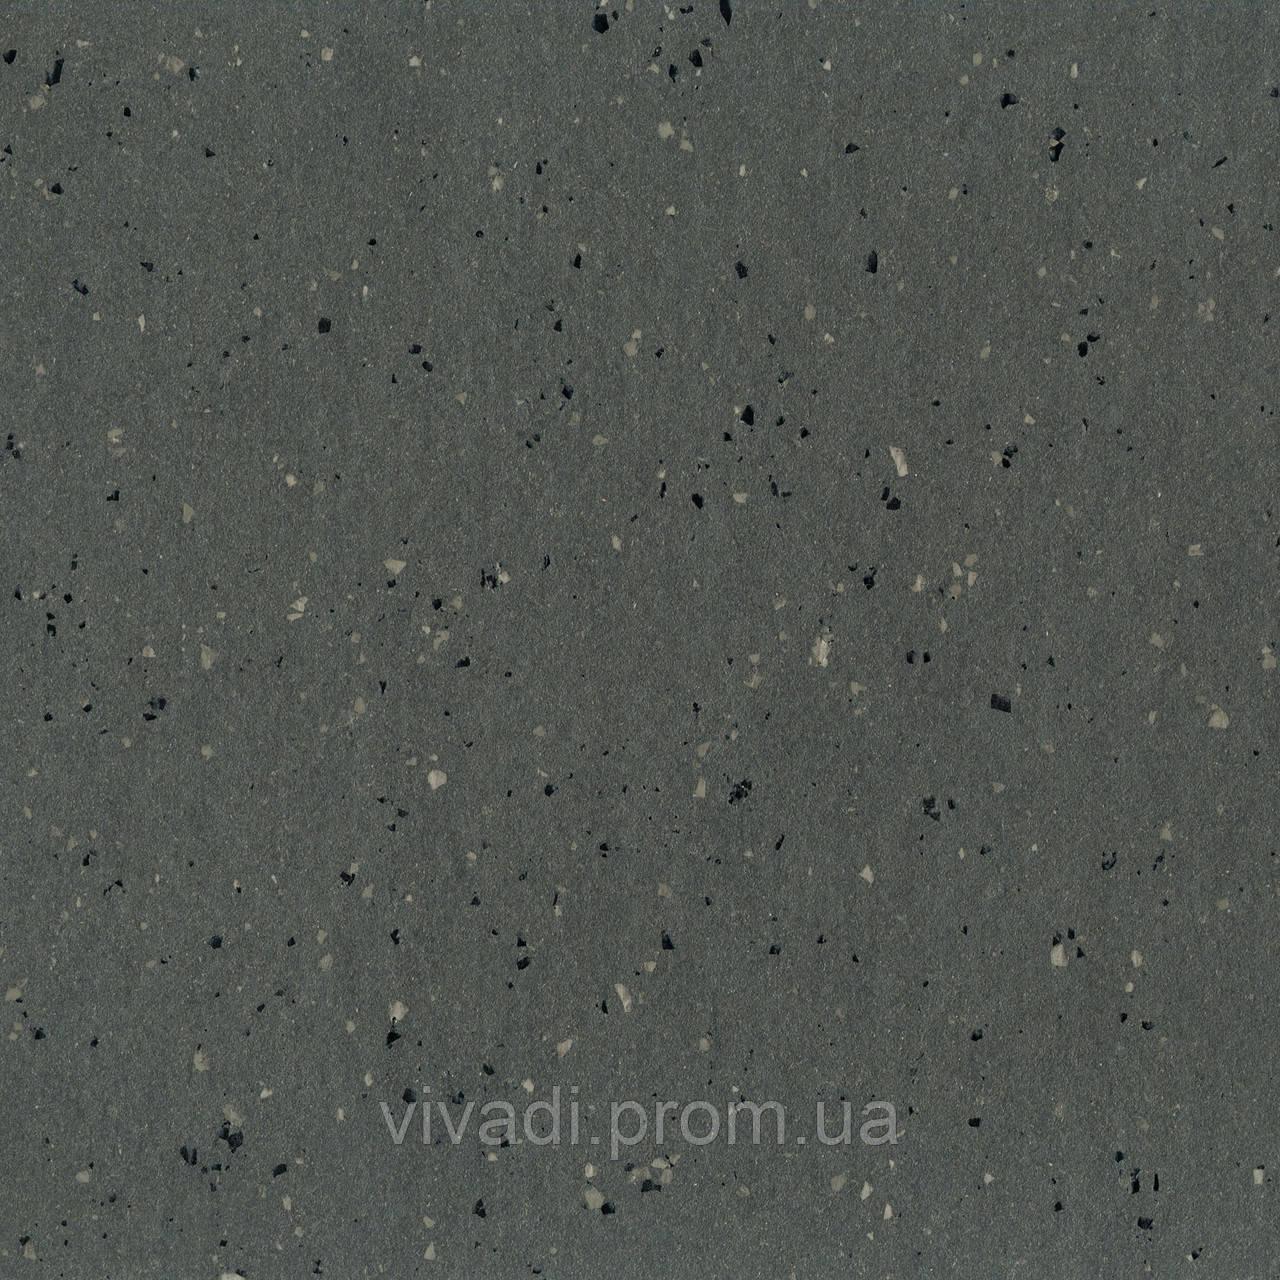 Натуральний лінолеум Lino Art Star LPX - колір 144-083